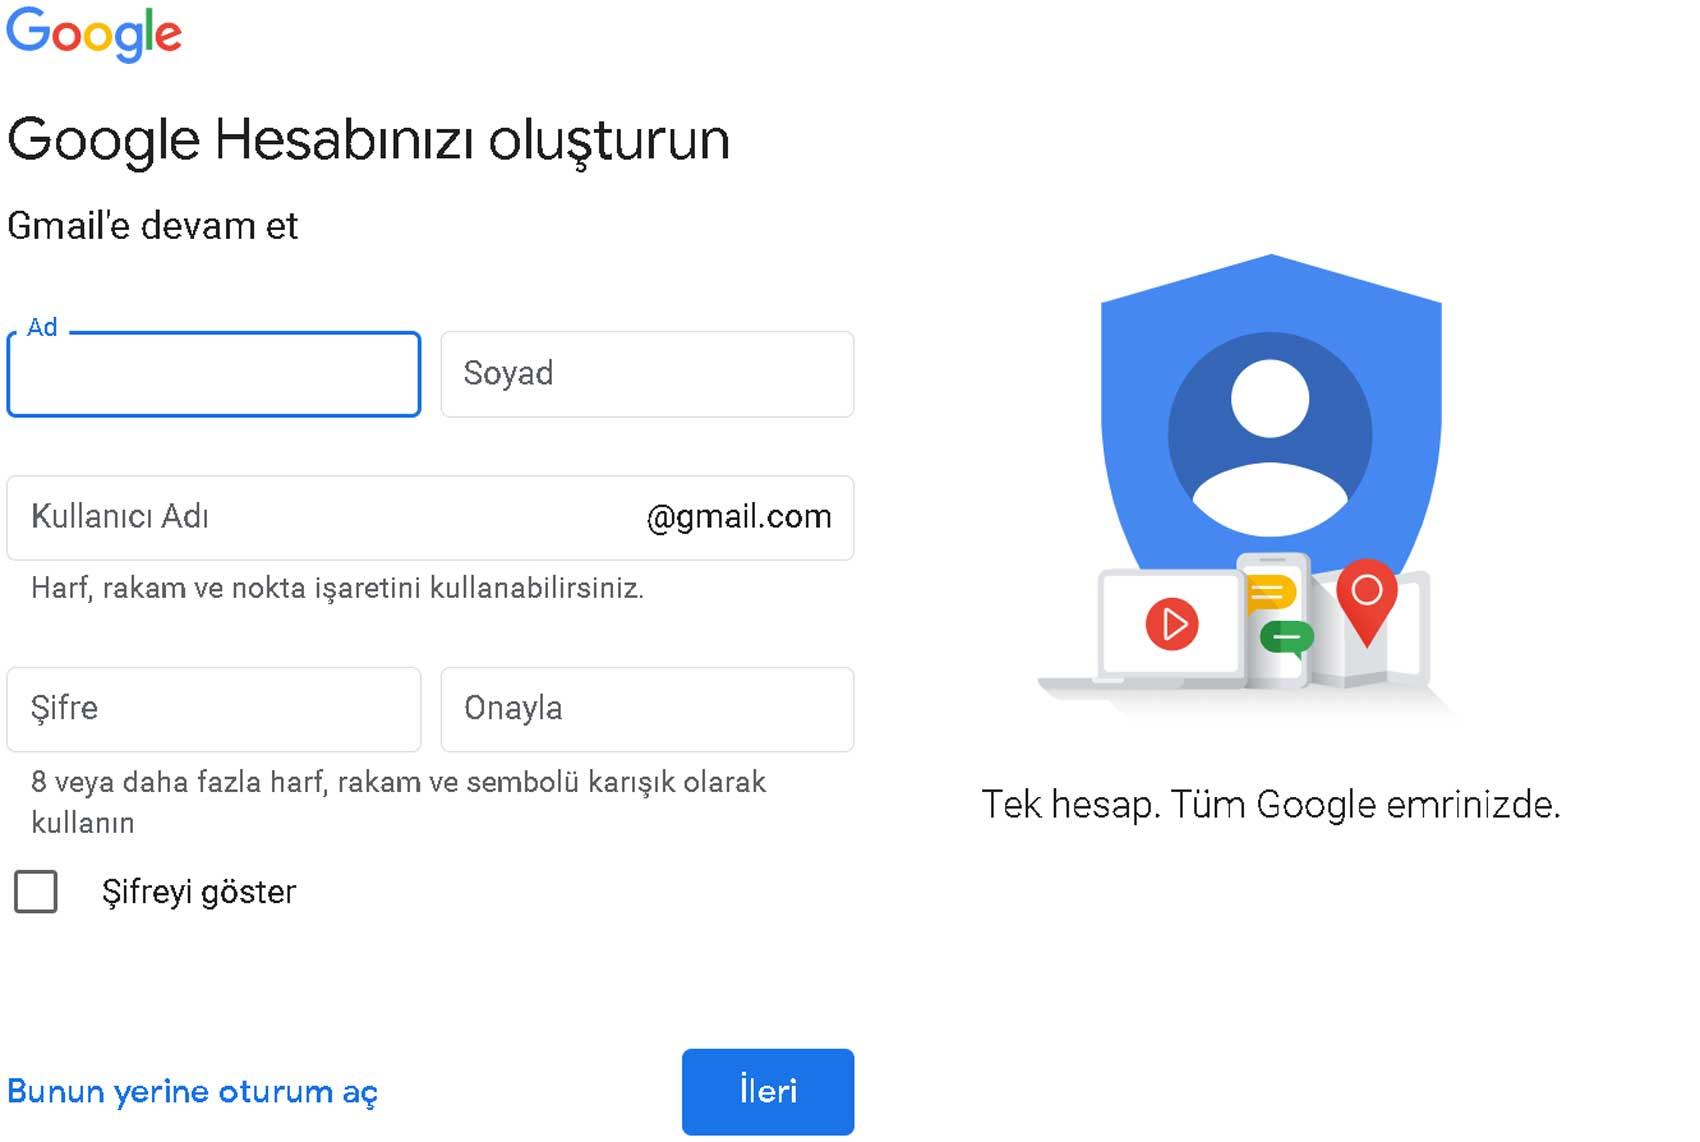 Gmail hesap bilgi girişi